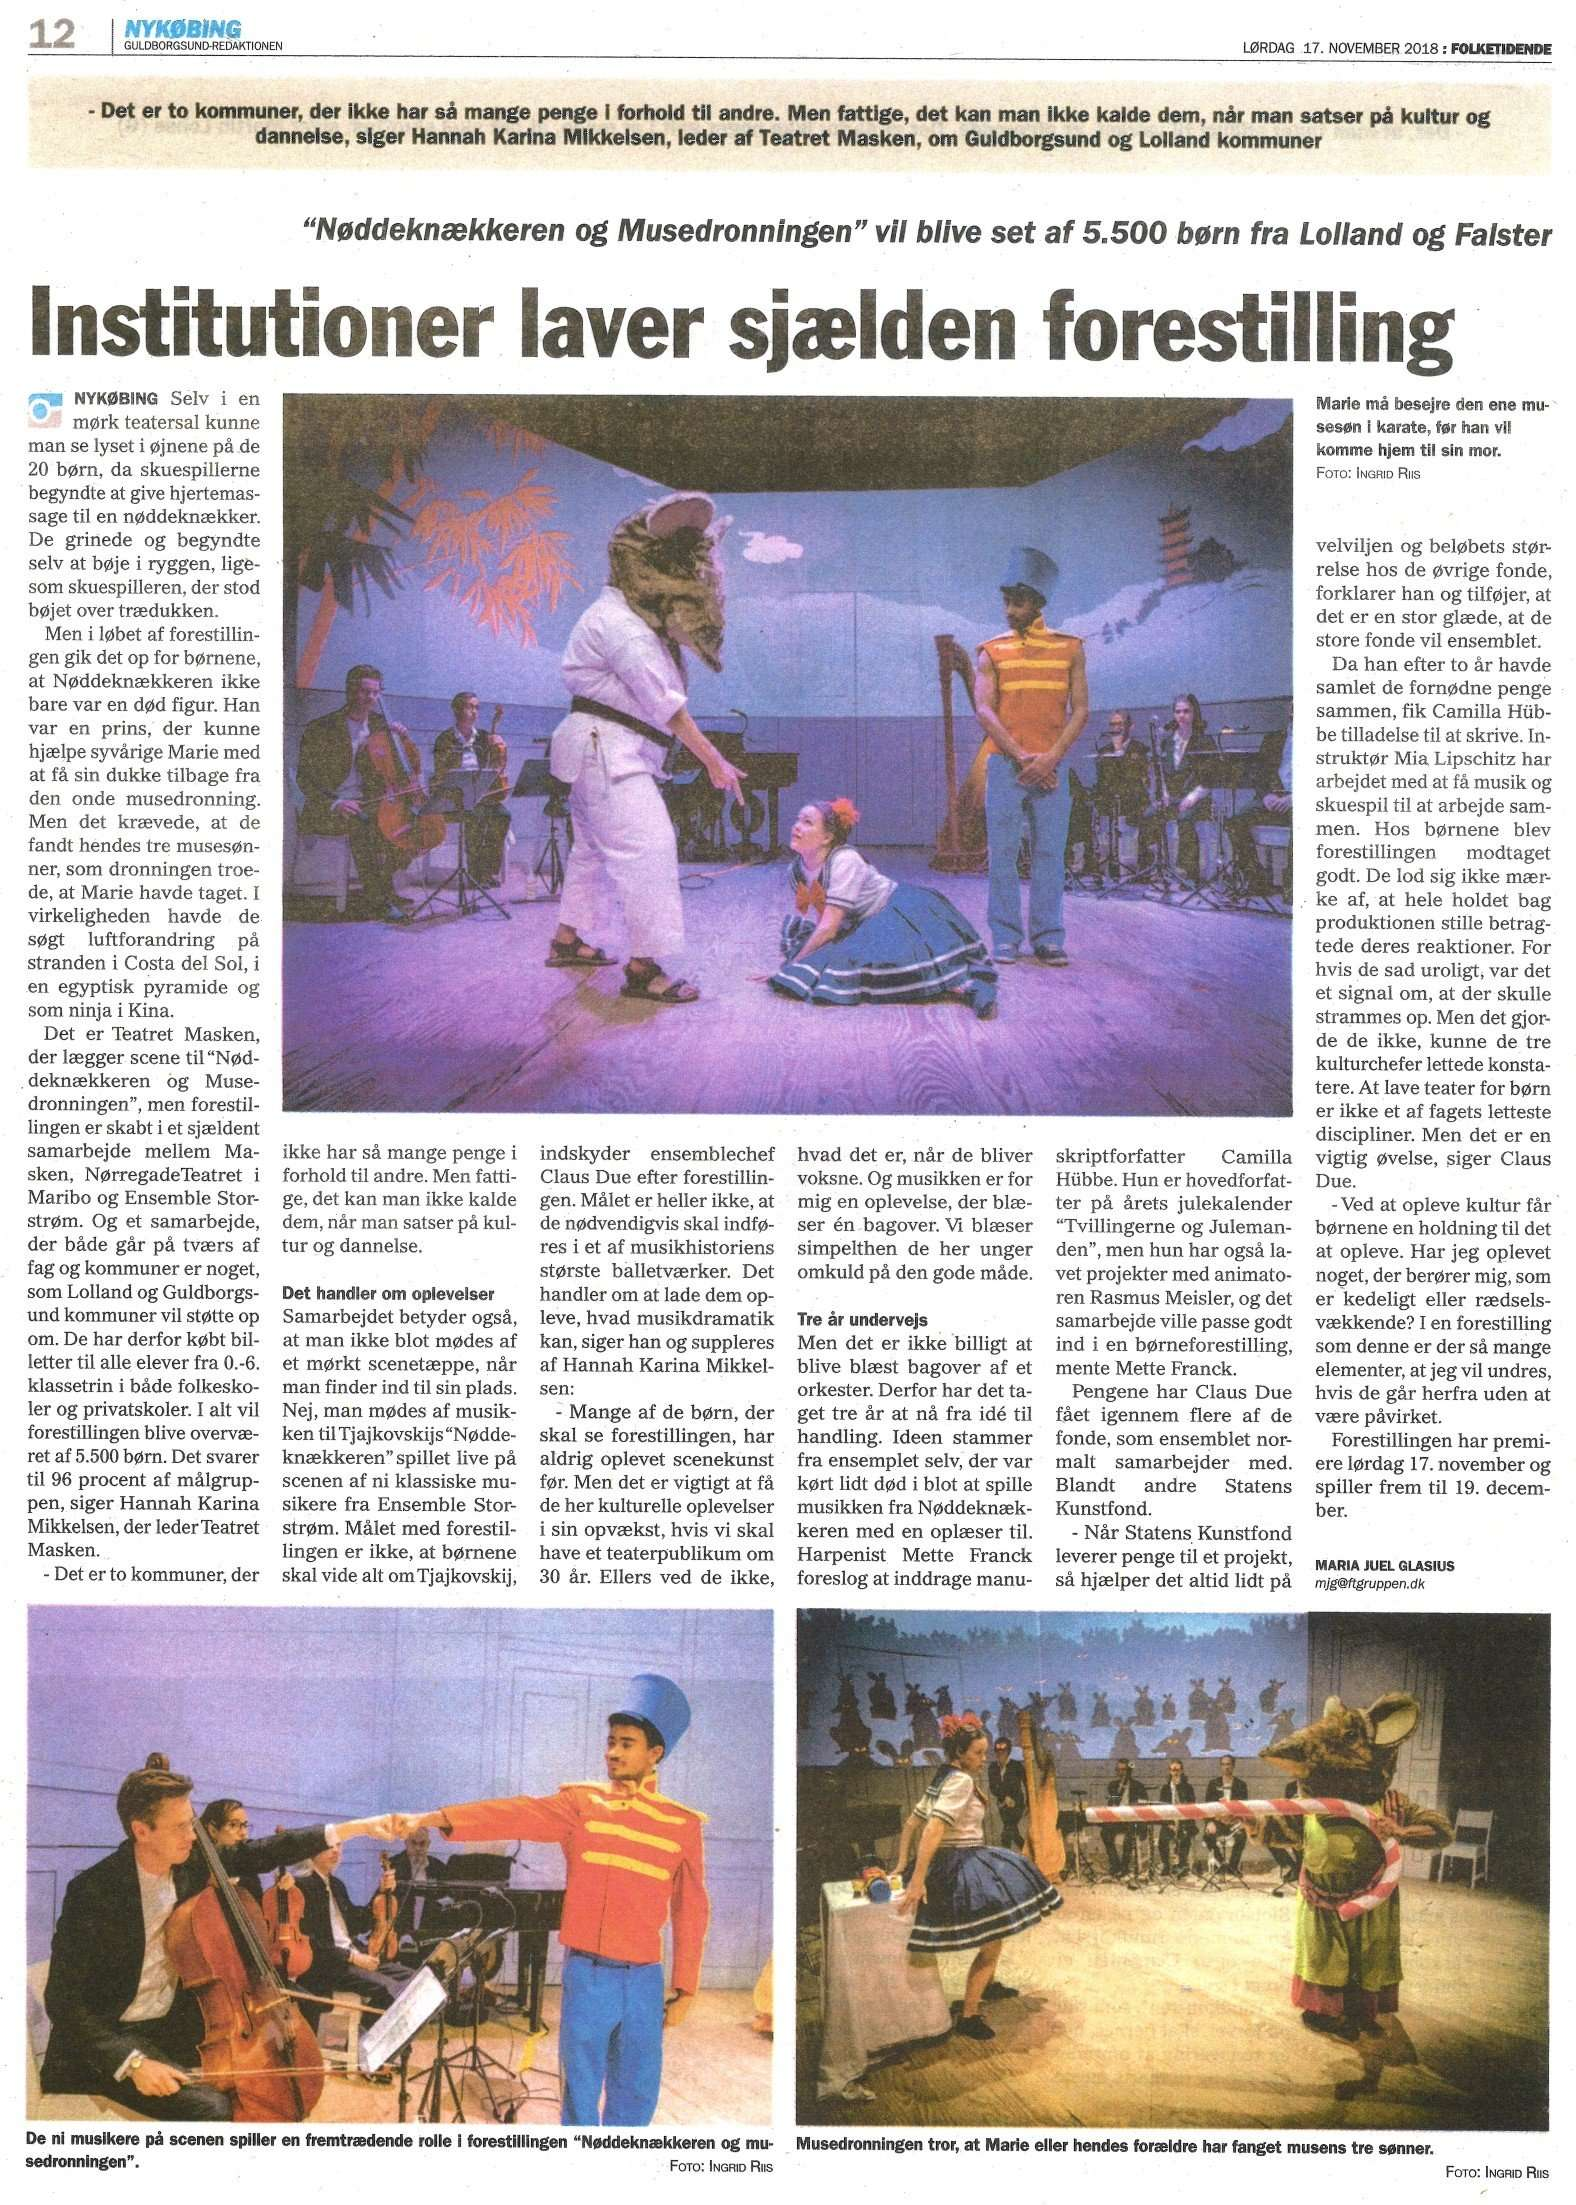 Artikel i Folketiden, nov. 2018